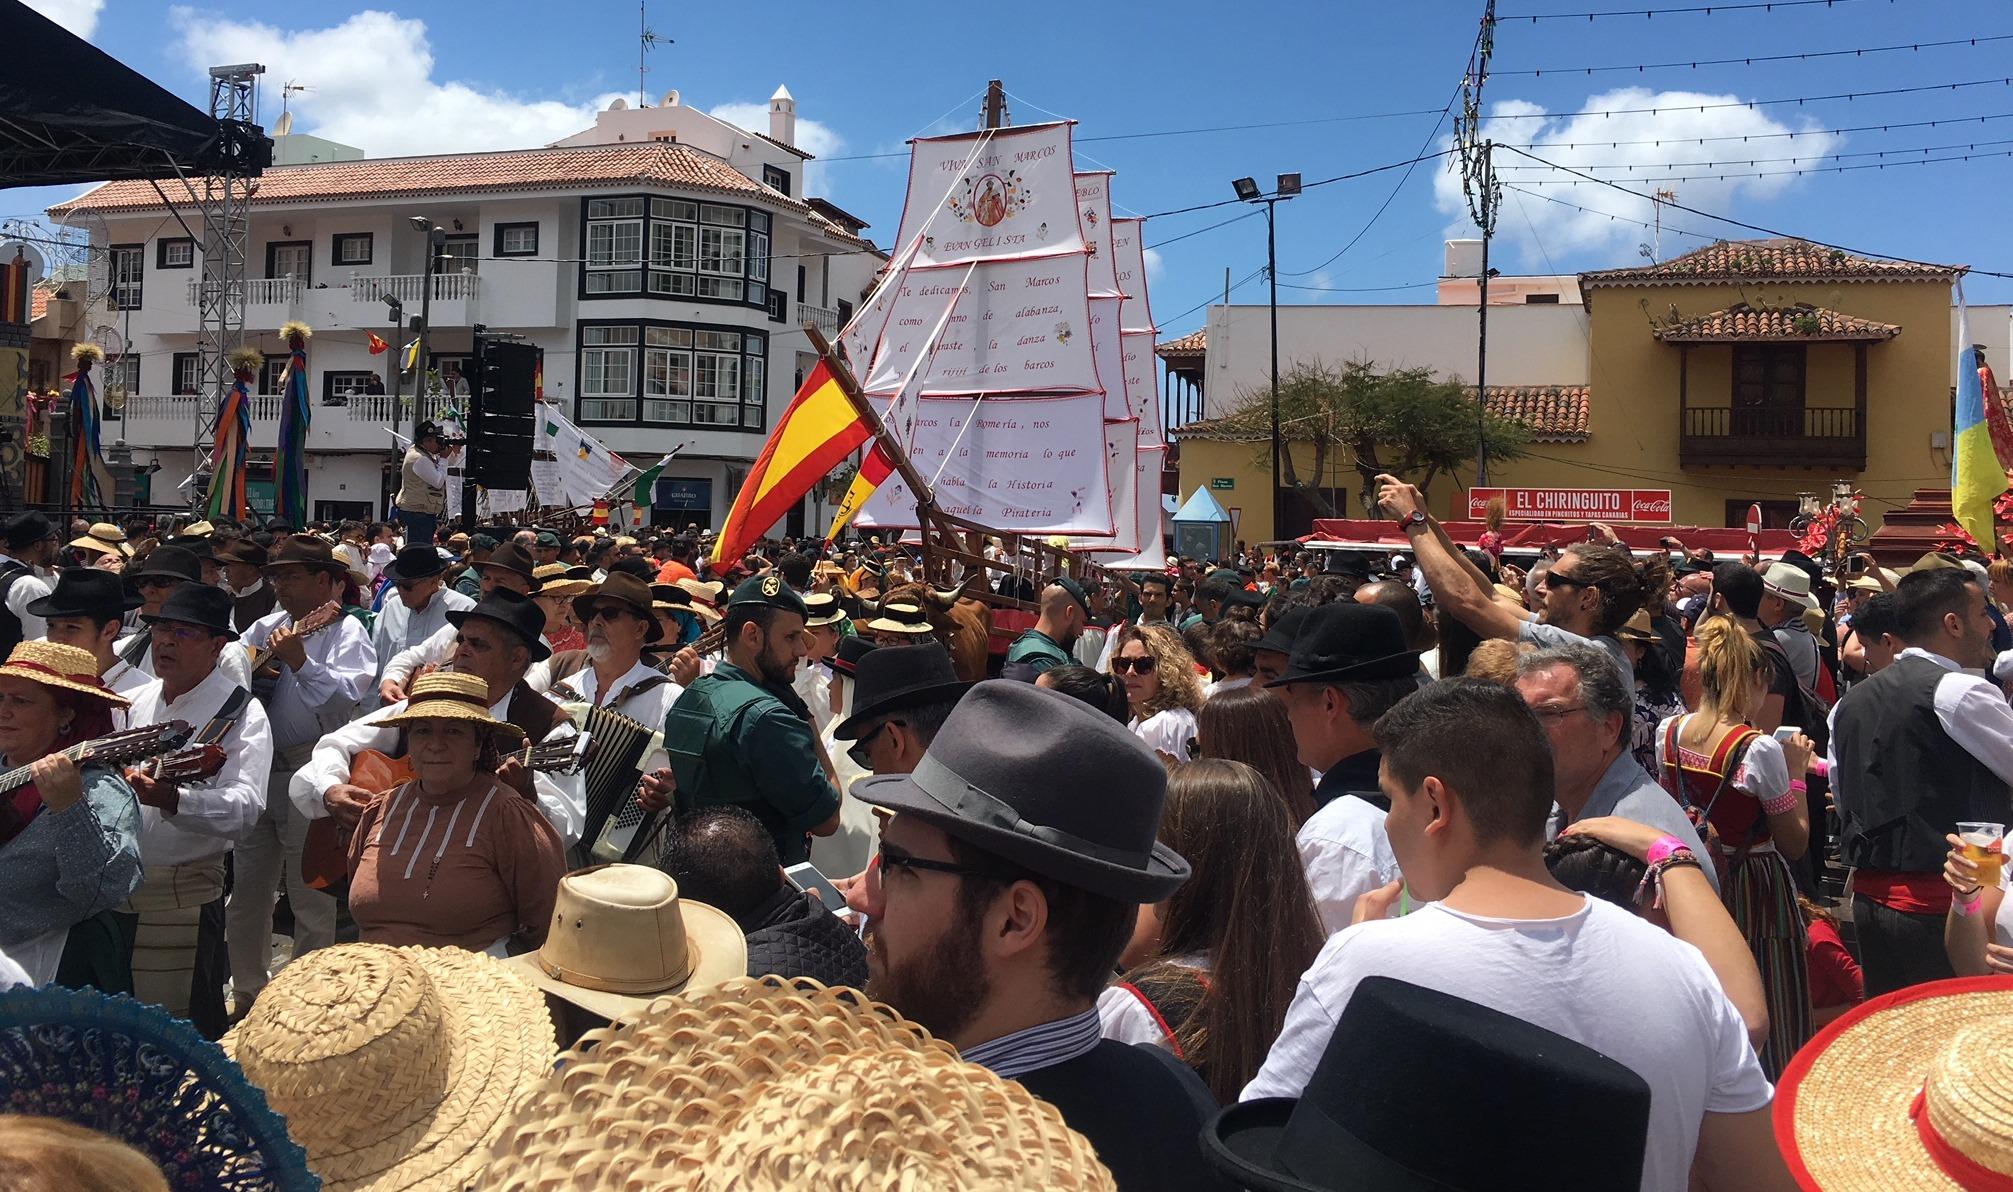 10 Fakten über Teneriffas Einheimische: Sie feiern gerne und viel